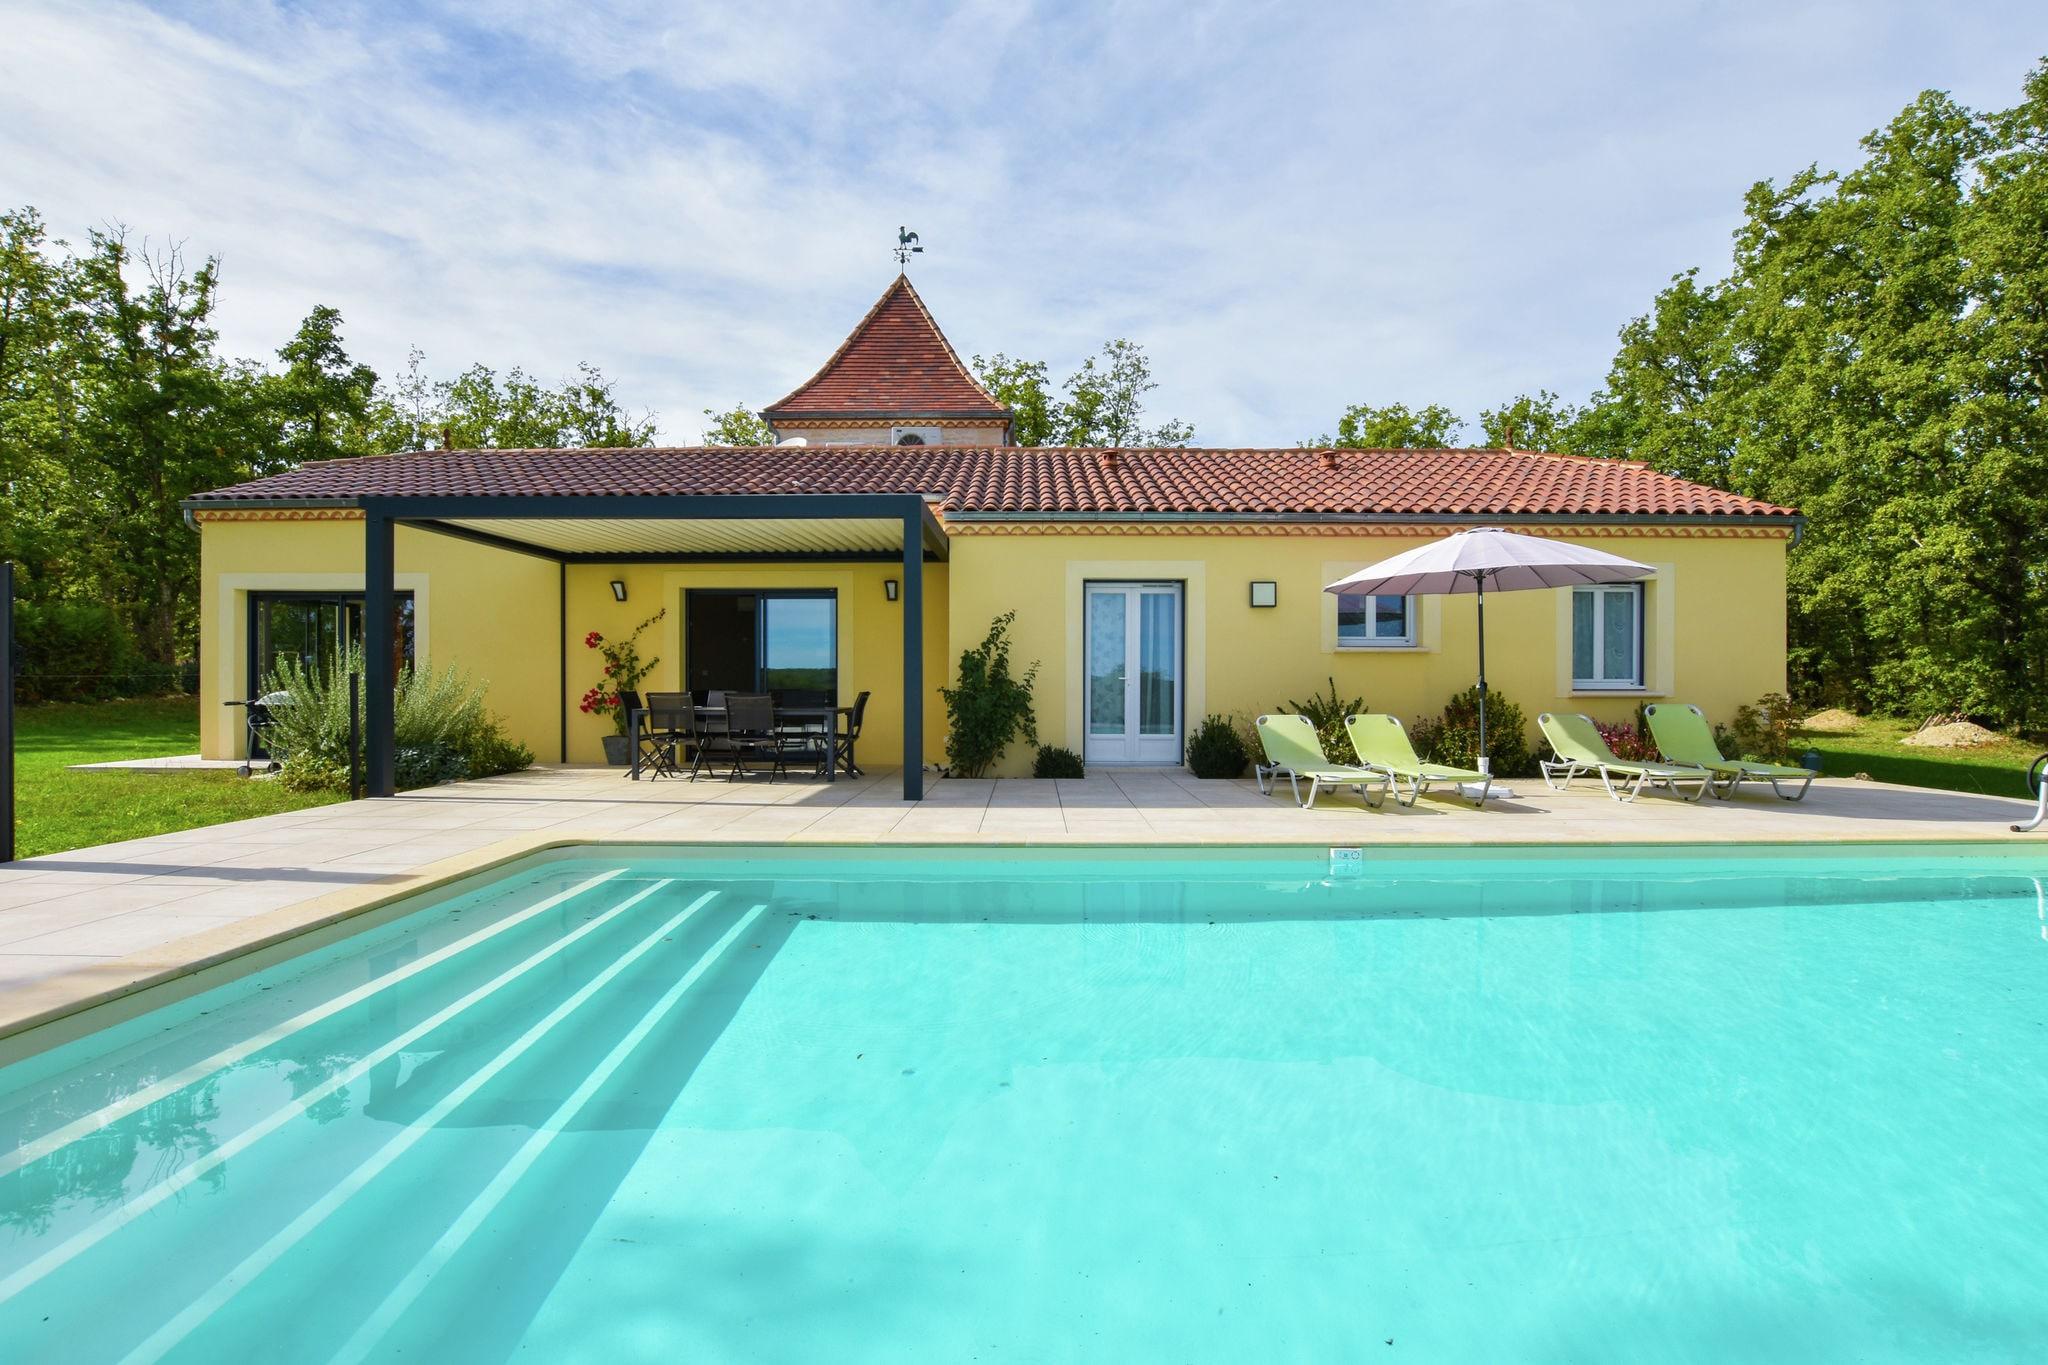 Maison pour des vacances fabuleuses